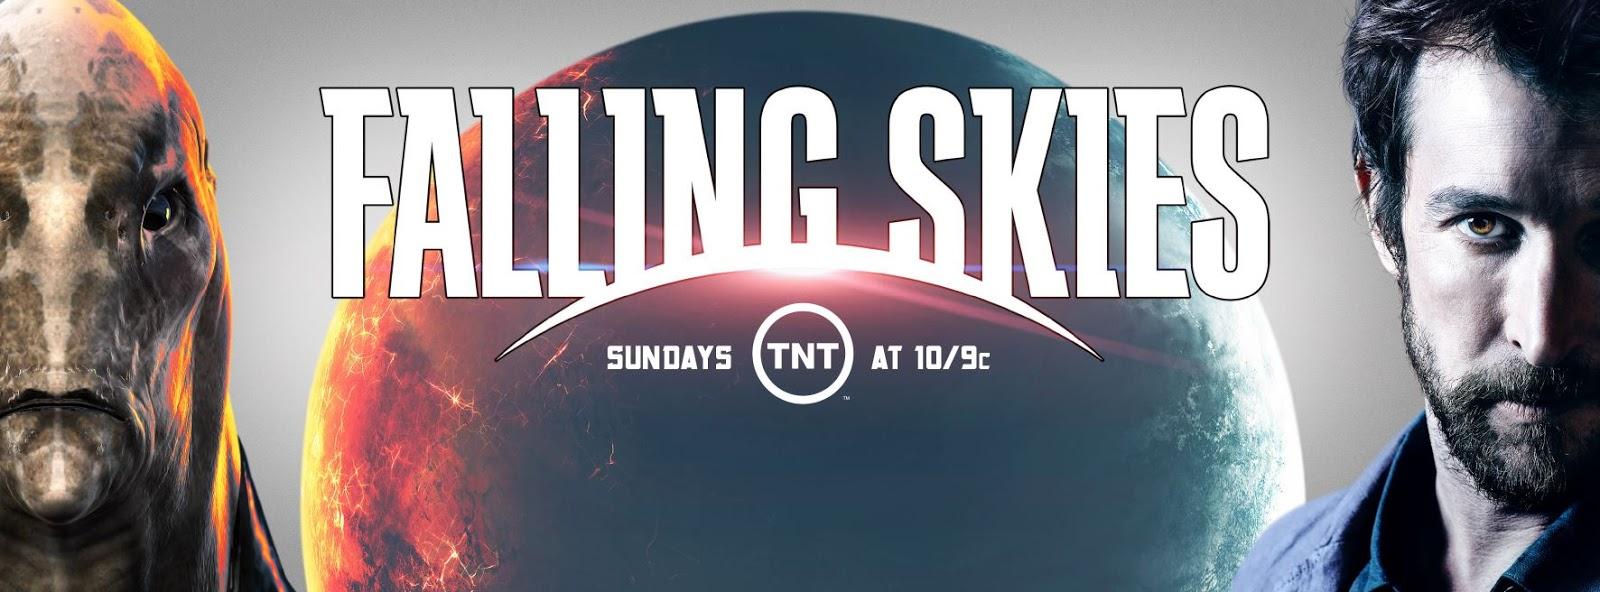 JonnOnTV: Falling Skies 5x05 Video Promo \